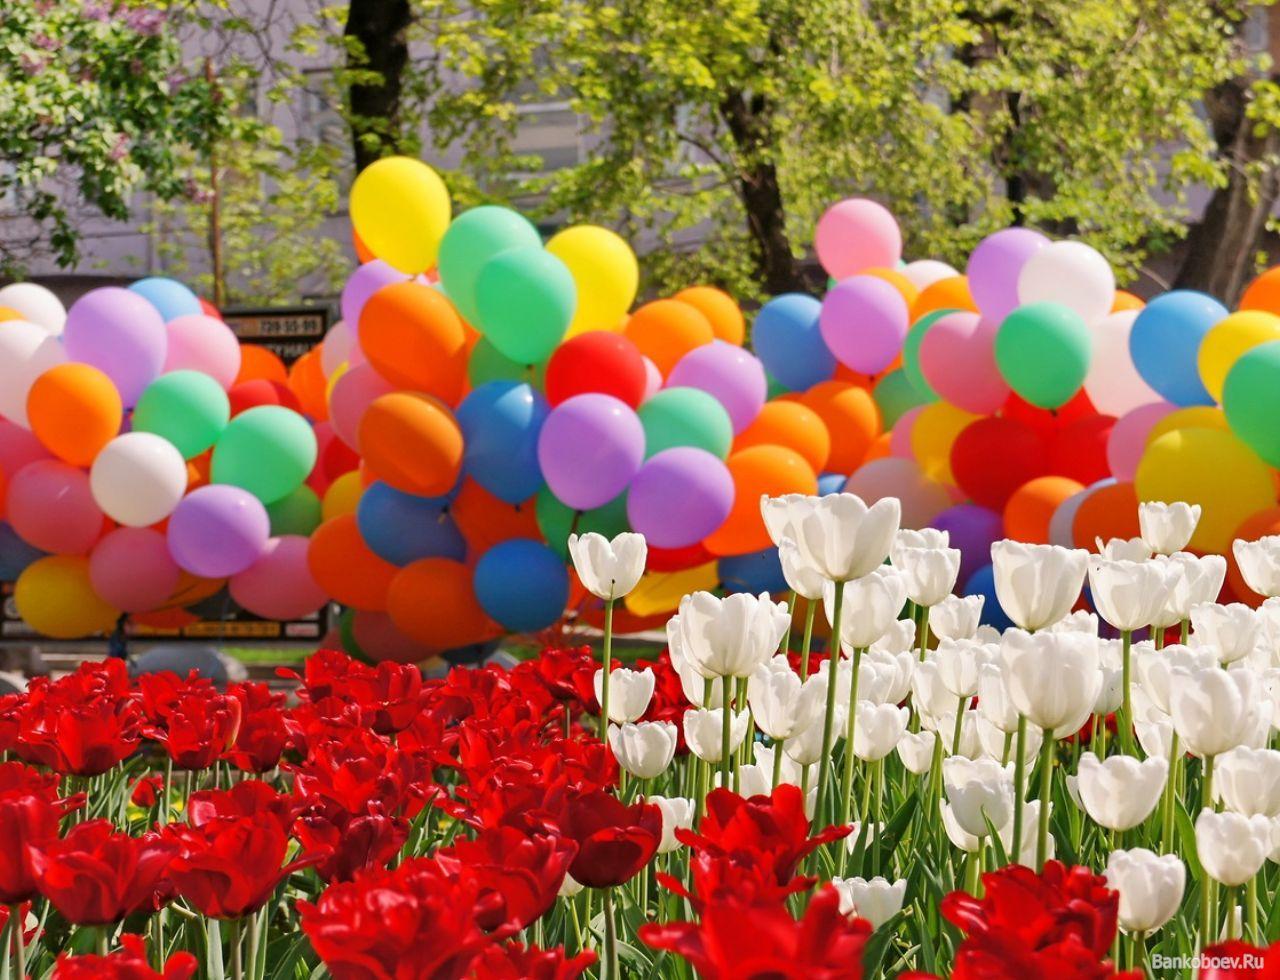 картинки шариков с праздником сюда